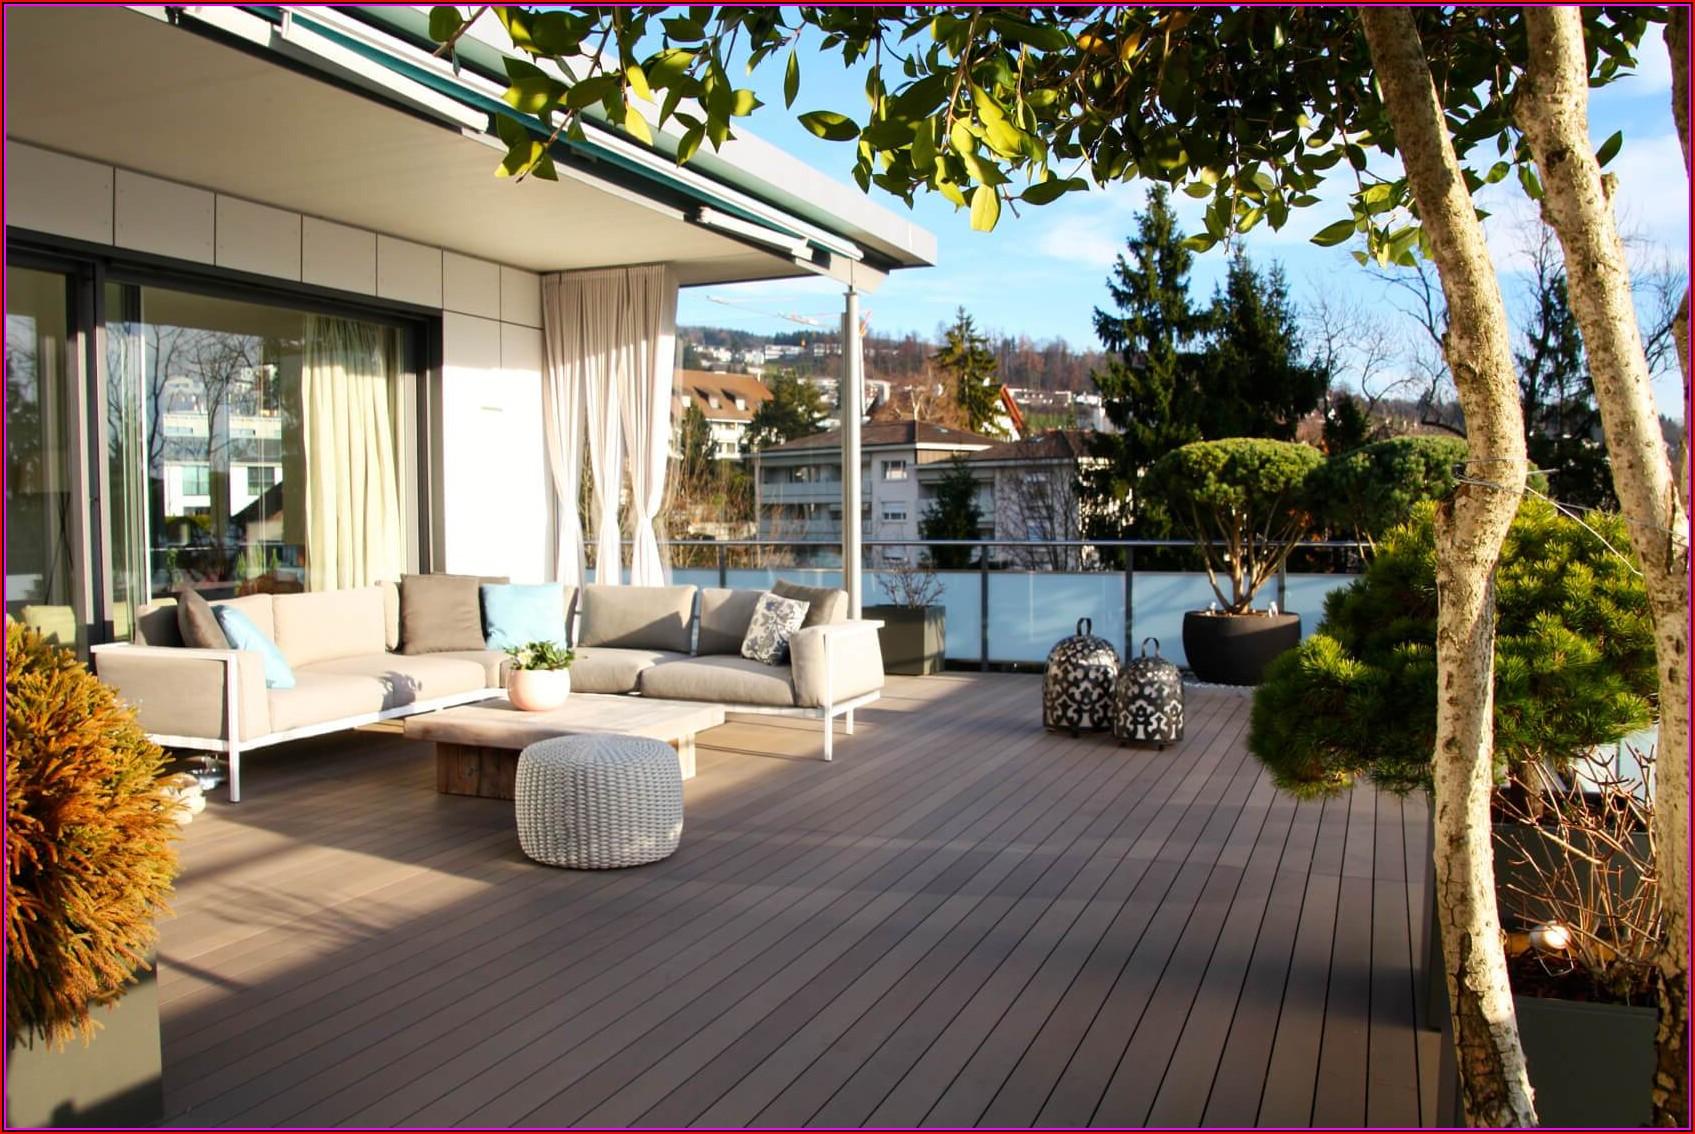 Bilder Von Terrassengestaltung Ideen